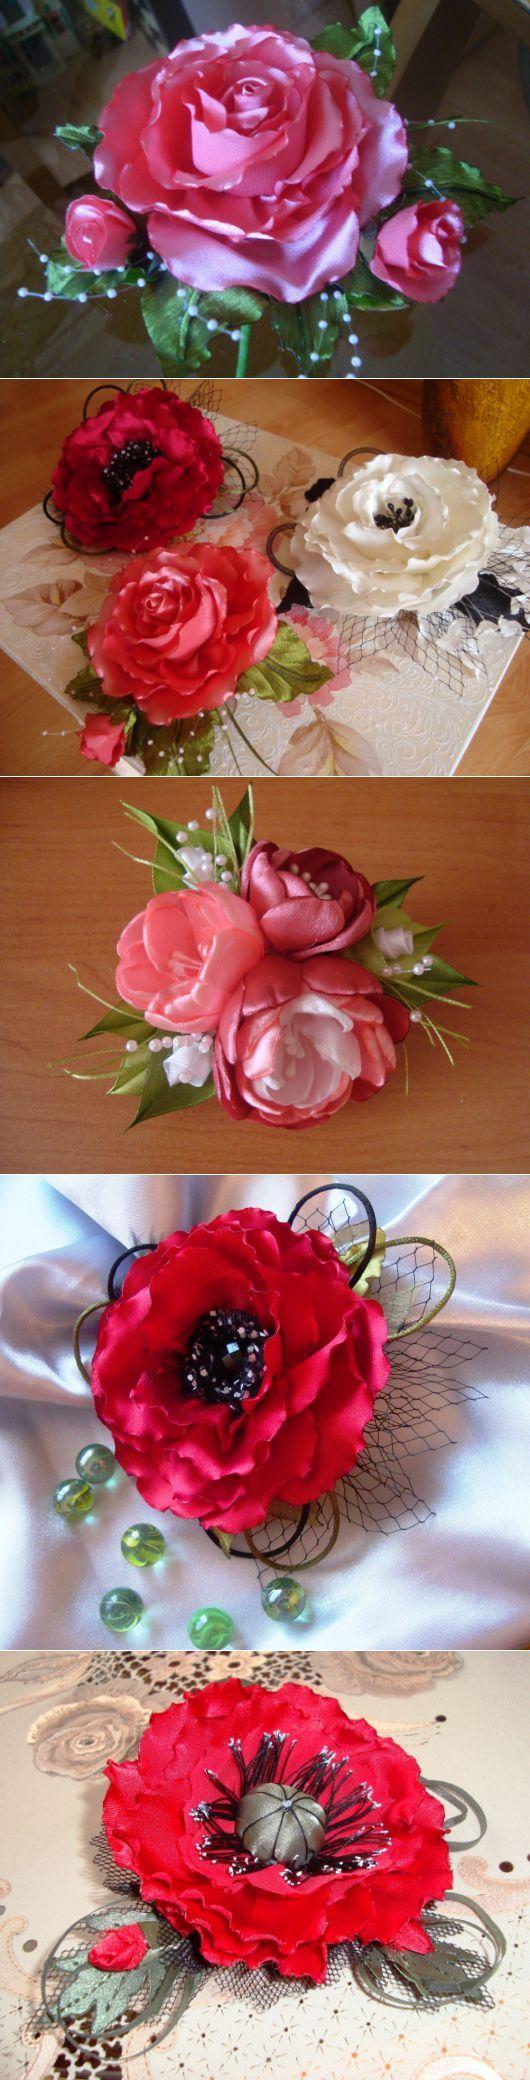 Магия шелковых цветов / Прочие виды рукоделия / Цветы из ткани | СВОИМИ РУКАМИ | Постила